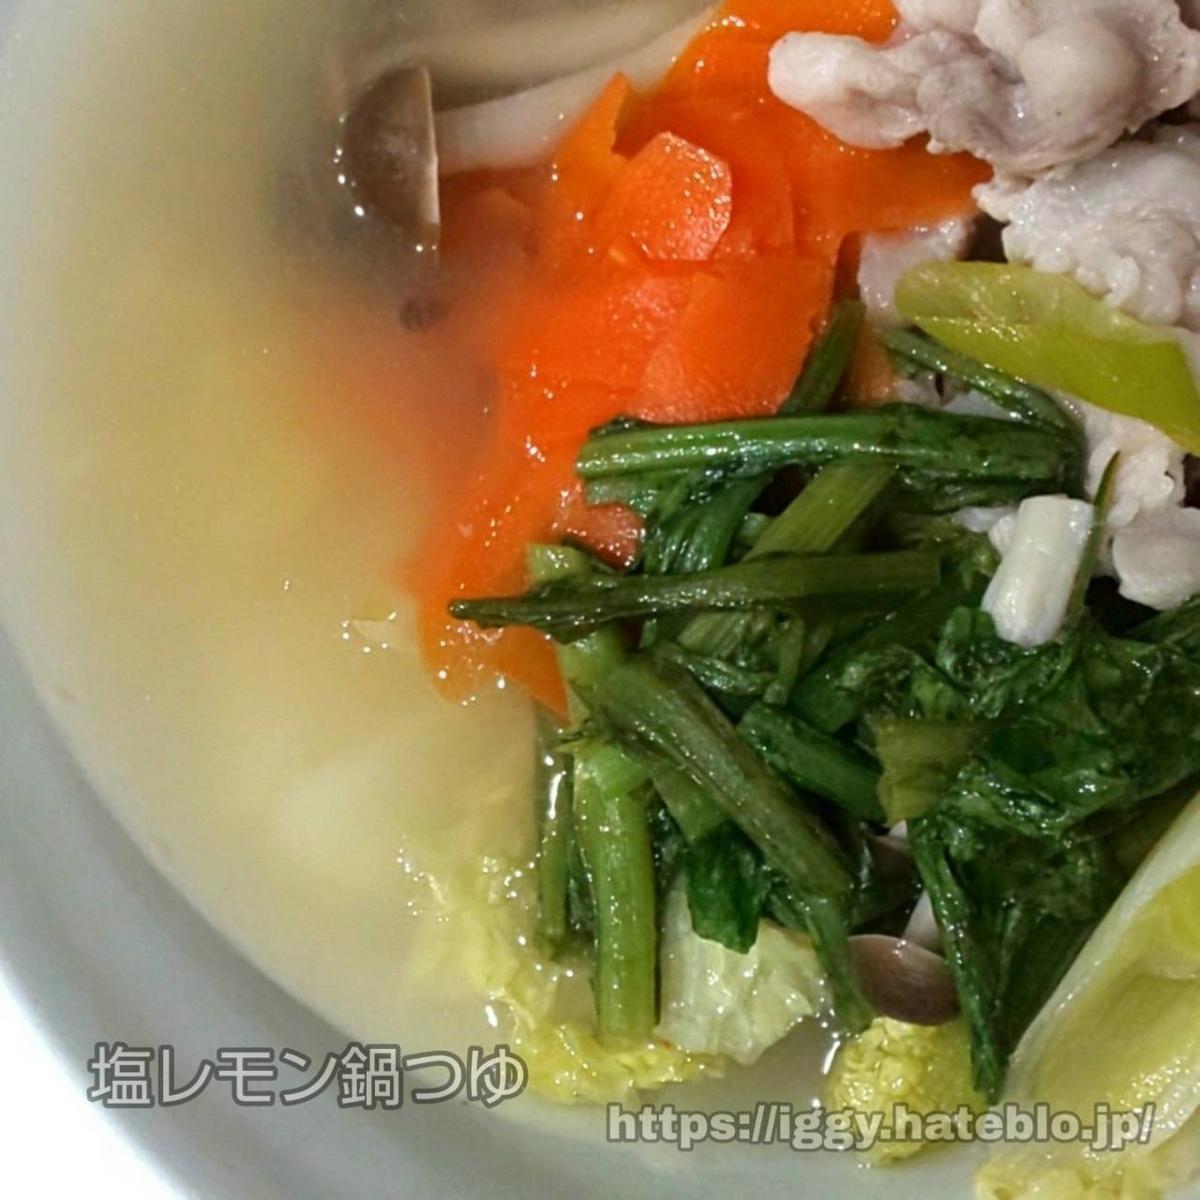 カルディ 塩レモン鍋つゆ② iggy2019